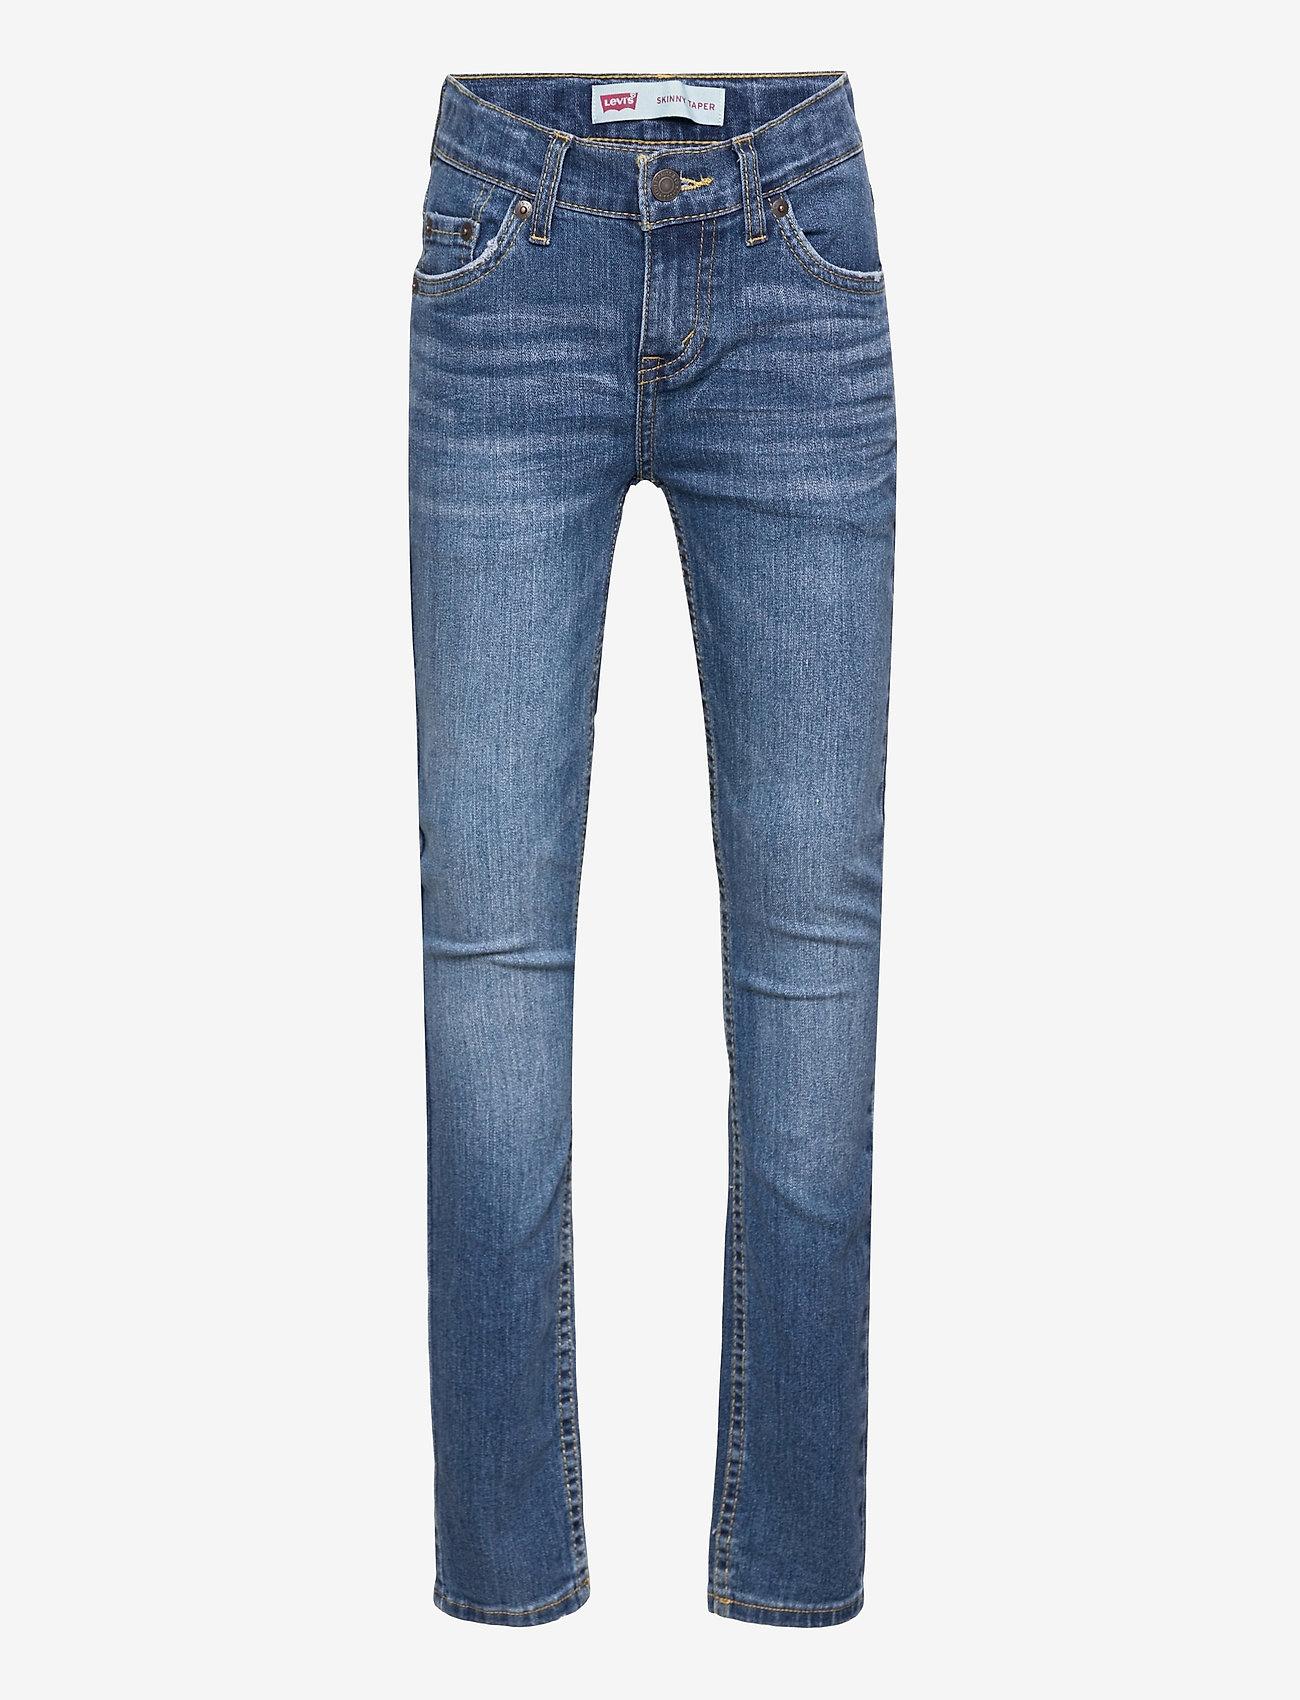 Levi's - LVB SKINNY TAPER JEANS - jeans - por vida - 0